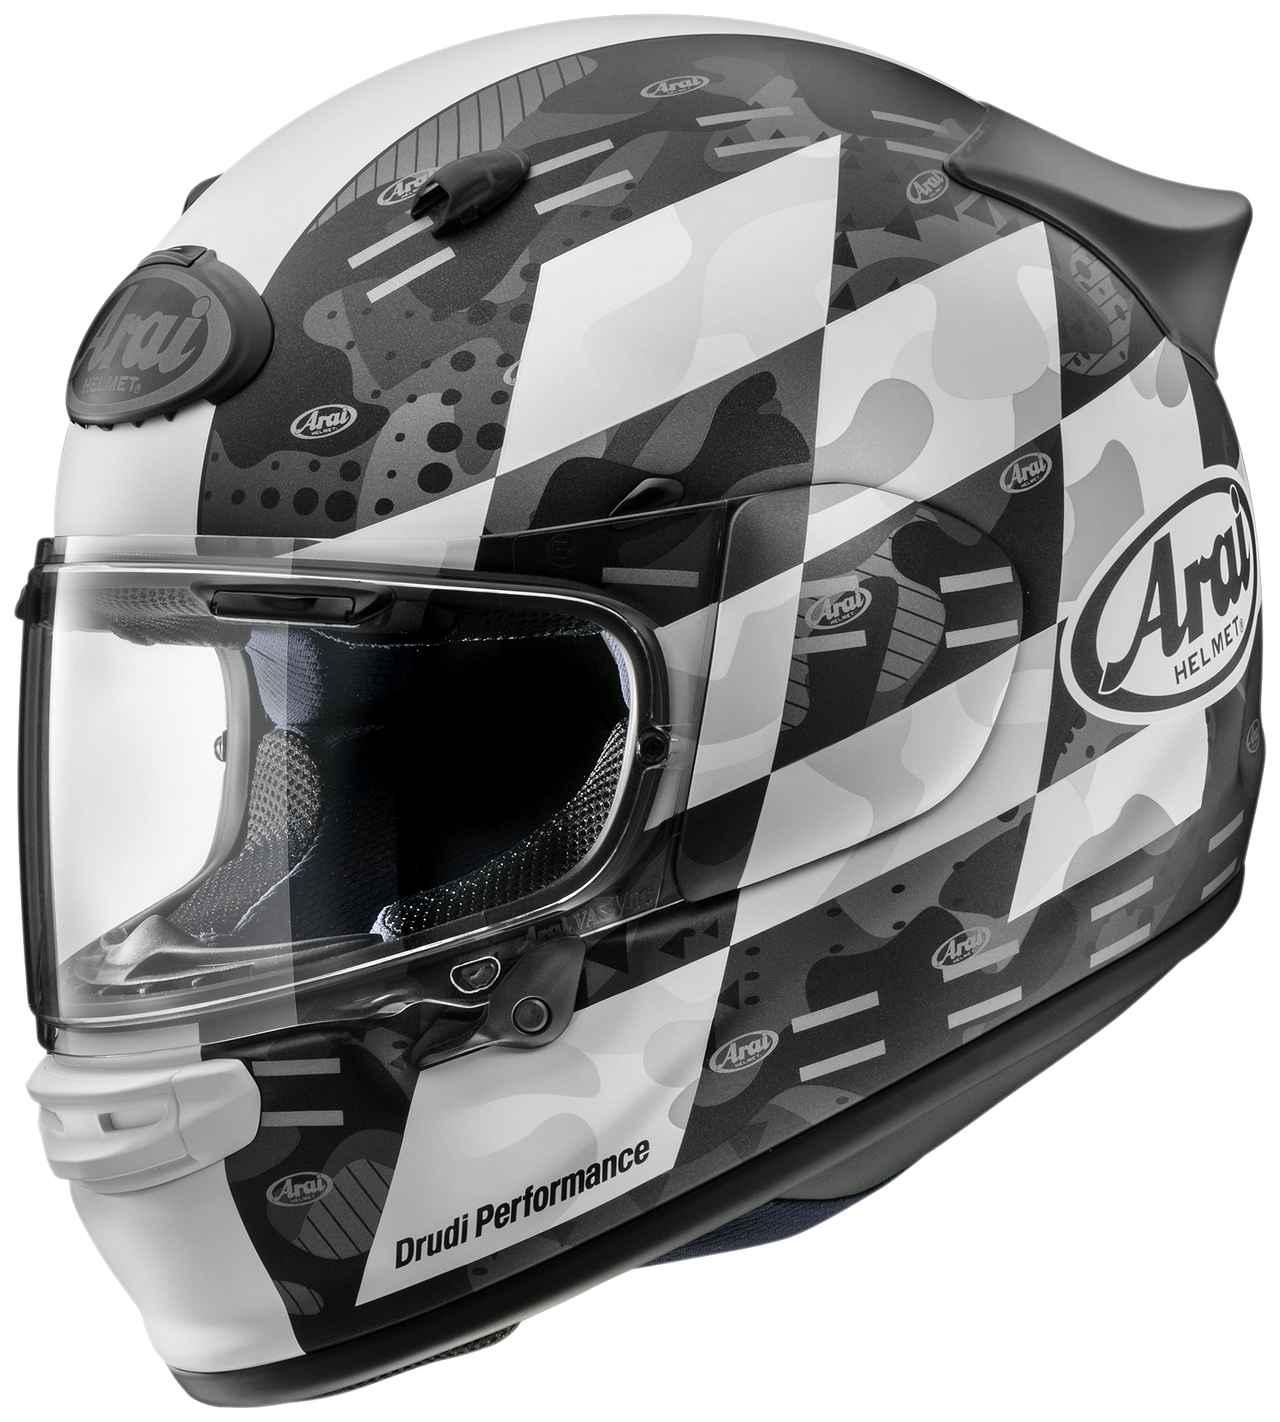 画像10: アライの最新ヘルメット・アストロGXに新たなグラフィックモデル「チェッカー」が登場! カラーは3色の設定